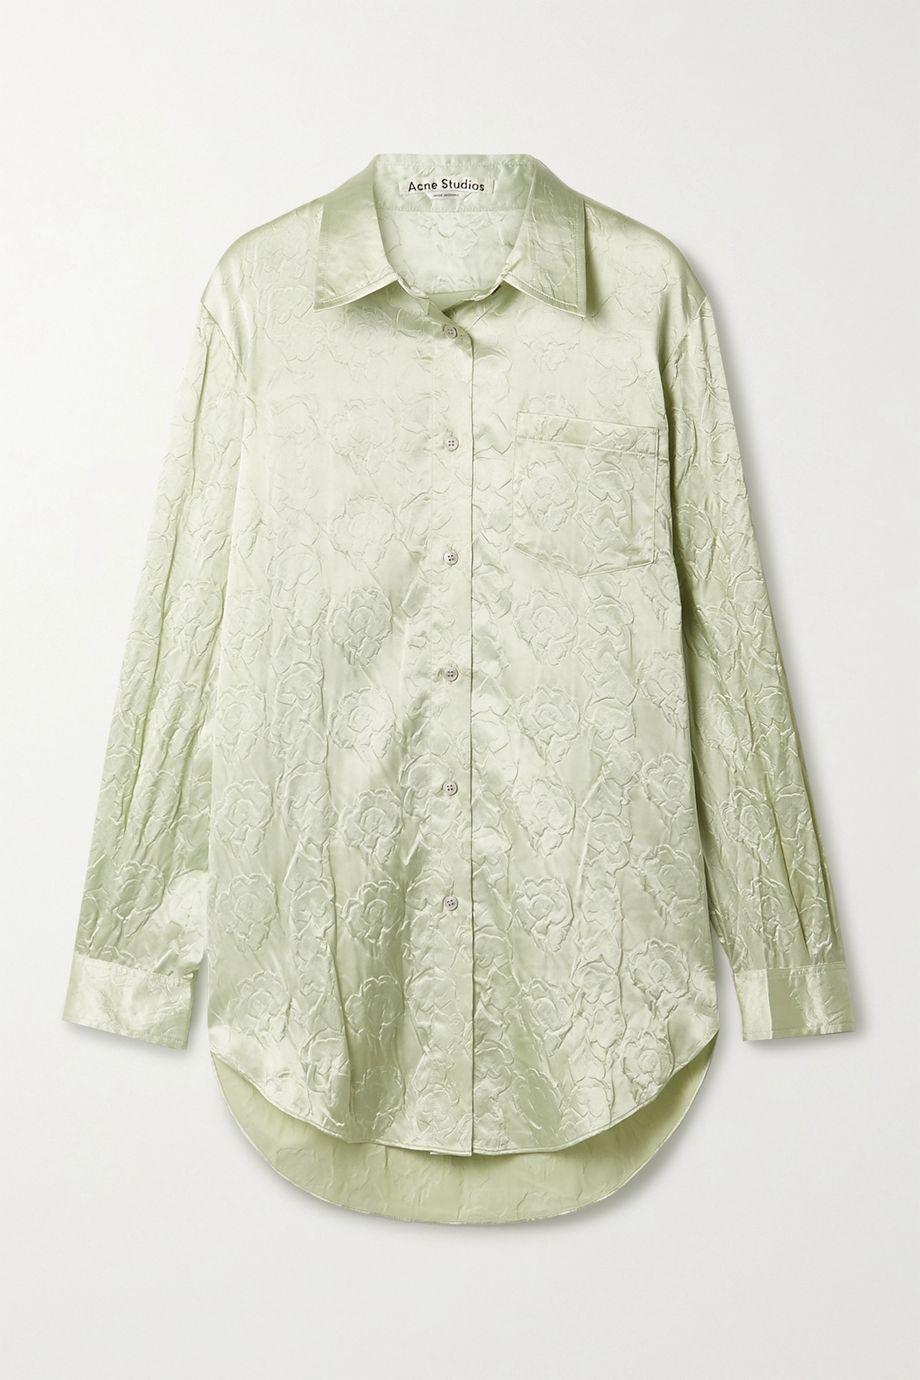 Acne Studios Cloqué shirt